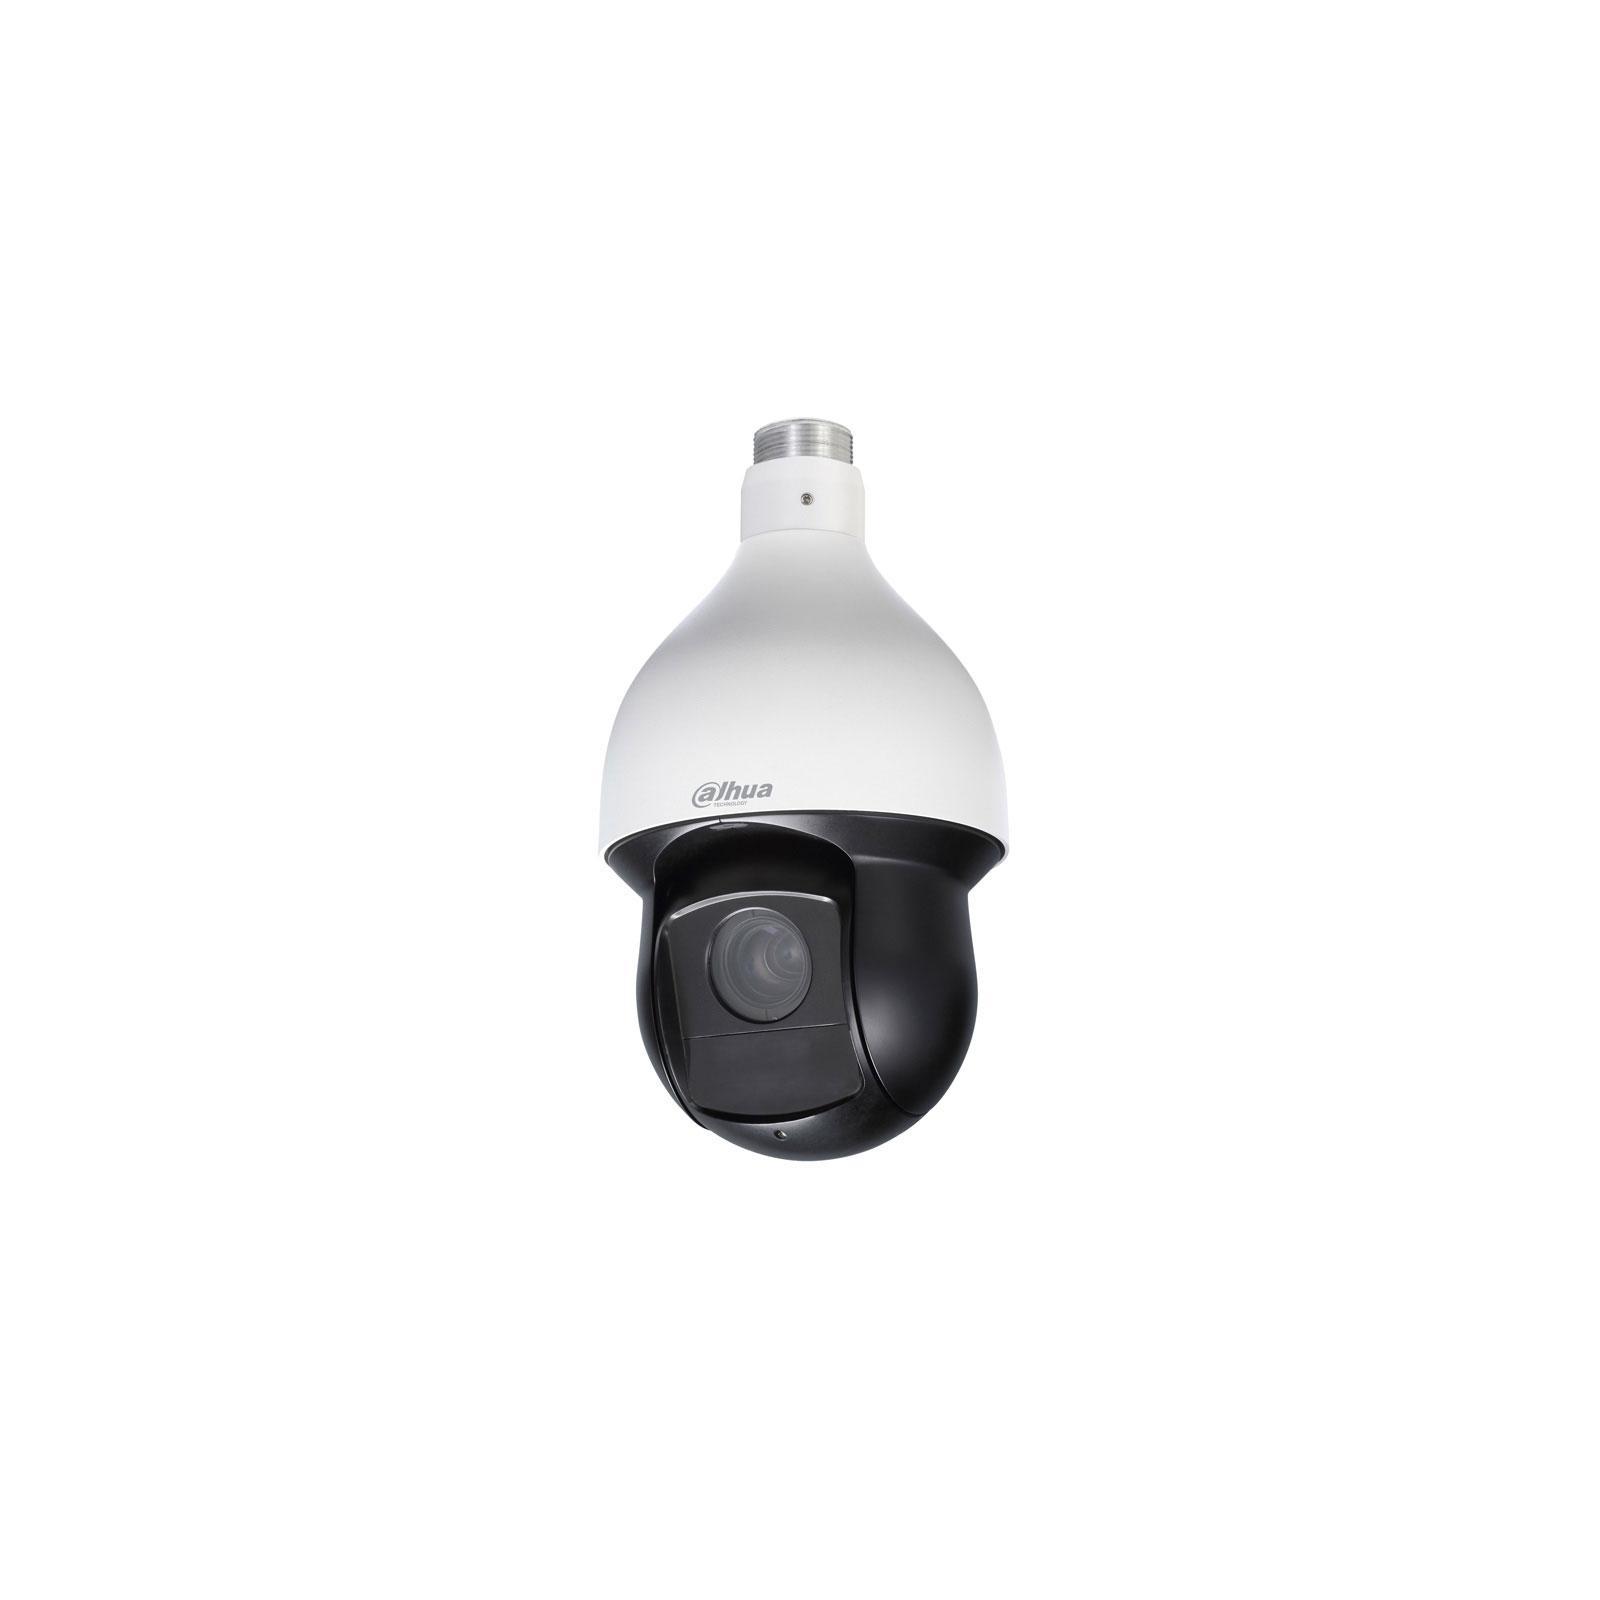 Камера видеонаблюдения Dahua DH-SD49225T-HN-S2 (03594-04983)